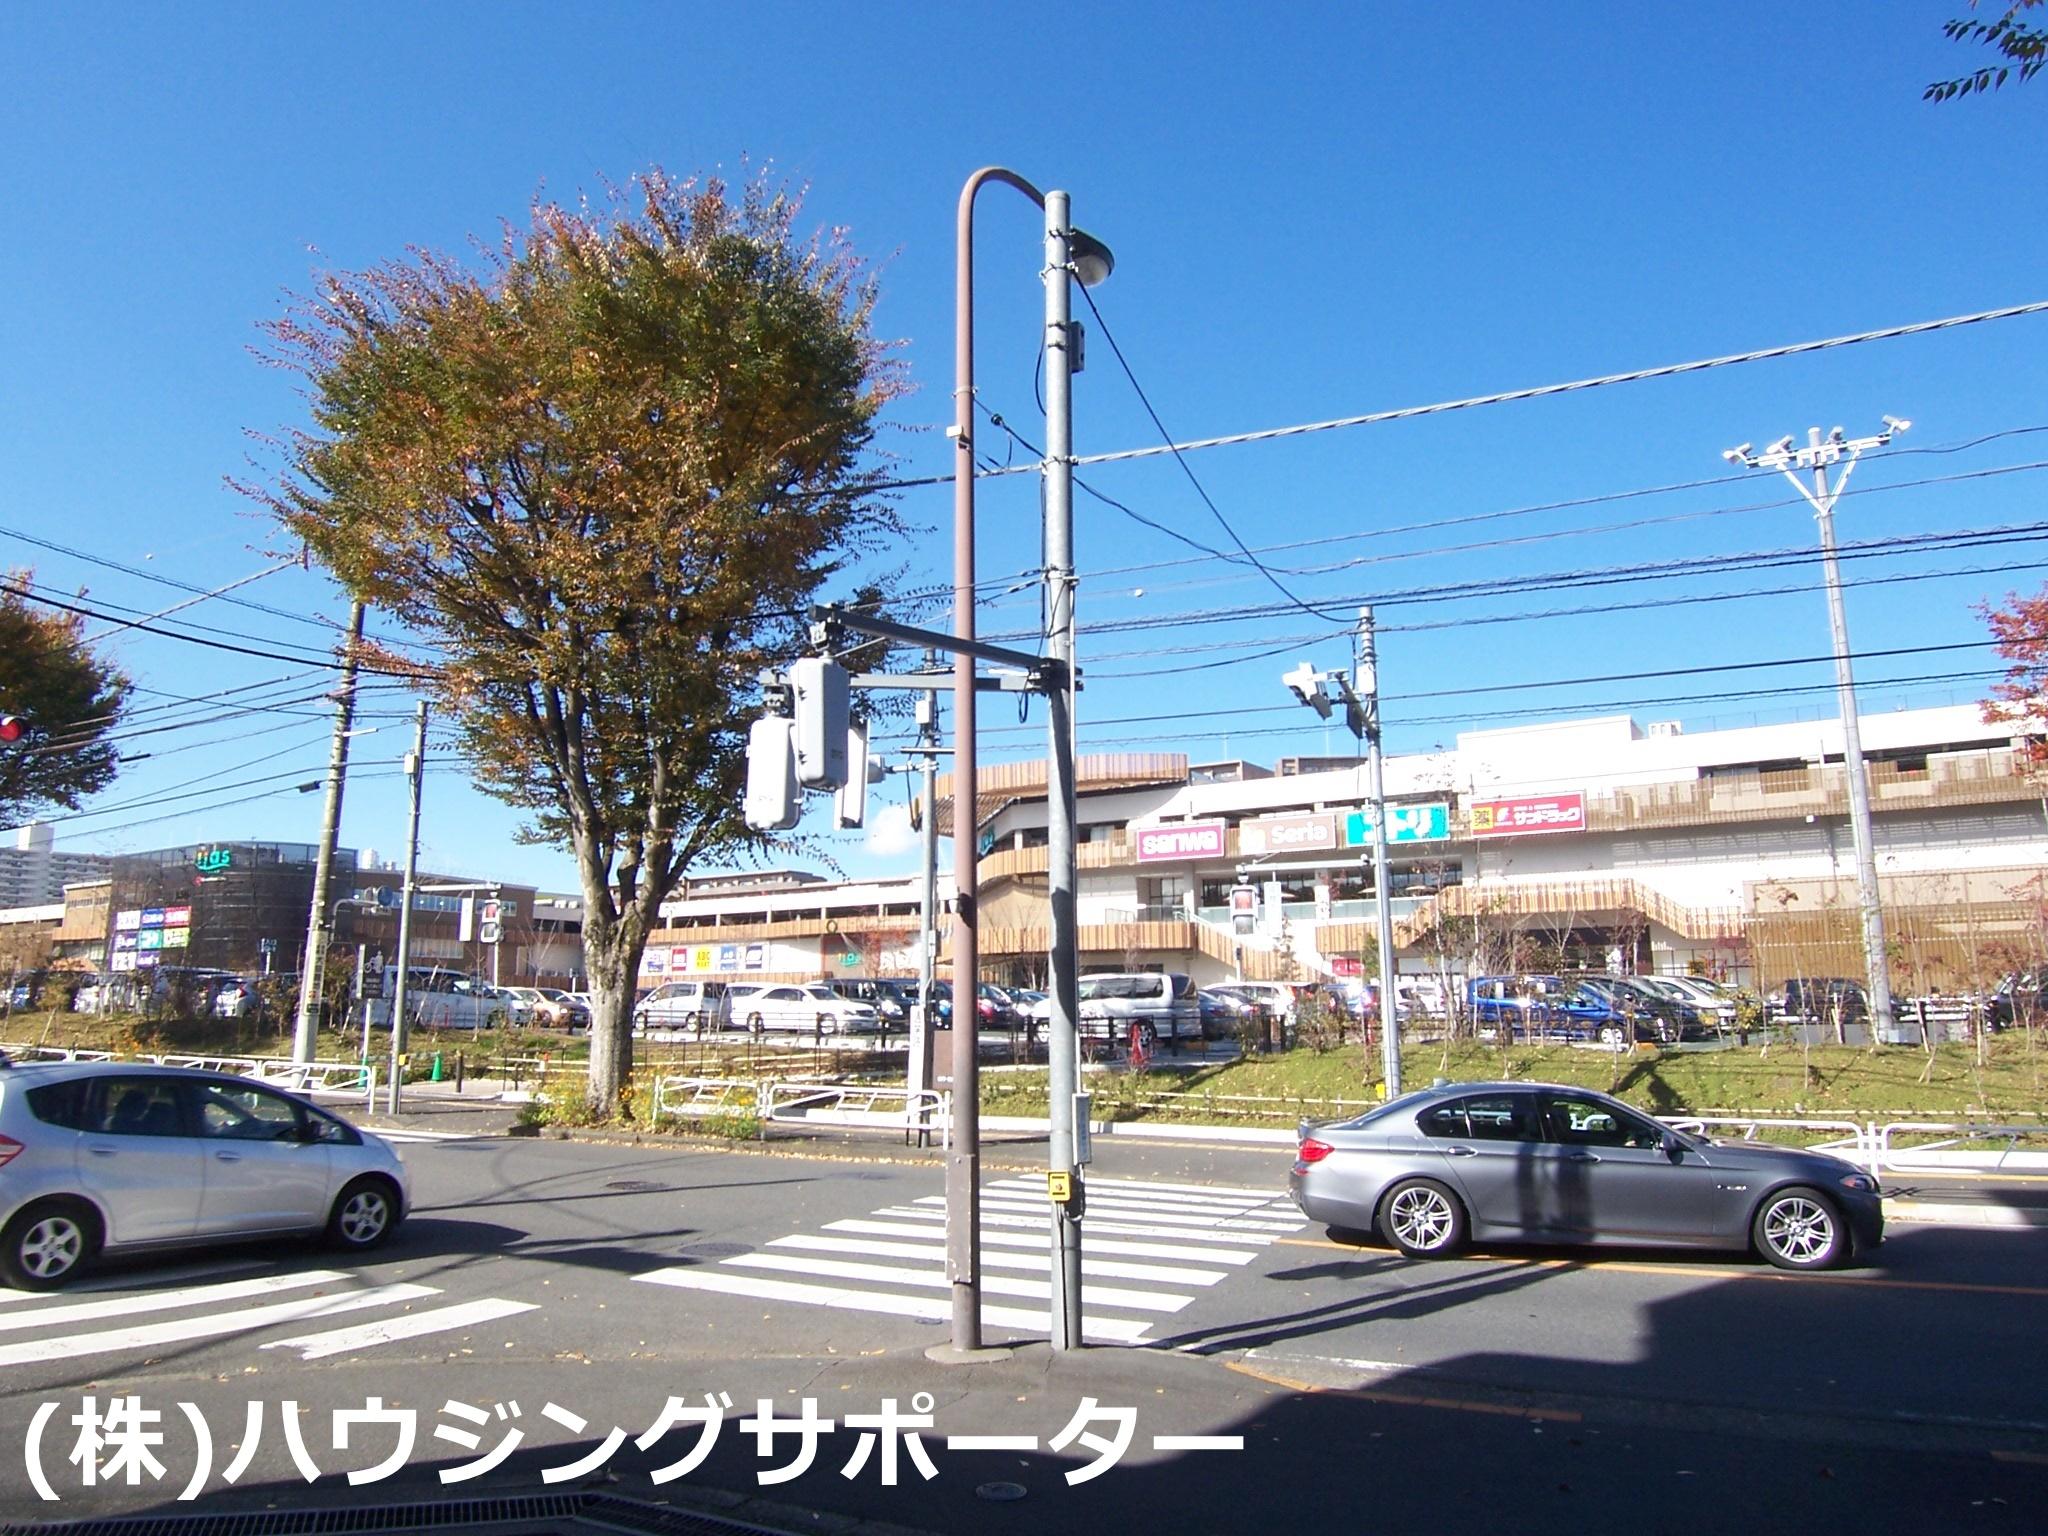 ショッピング施設:iias(イーアス) 高尾 985m